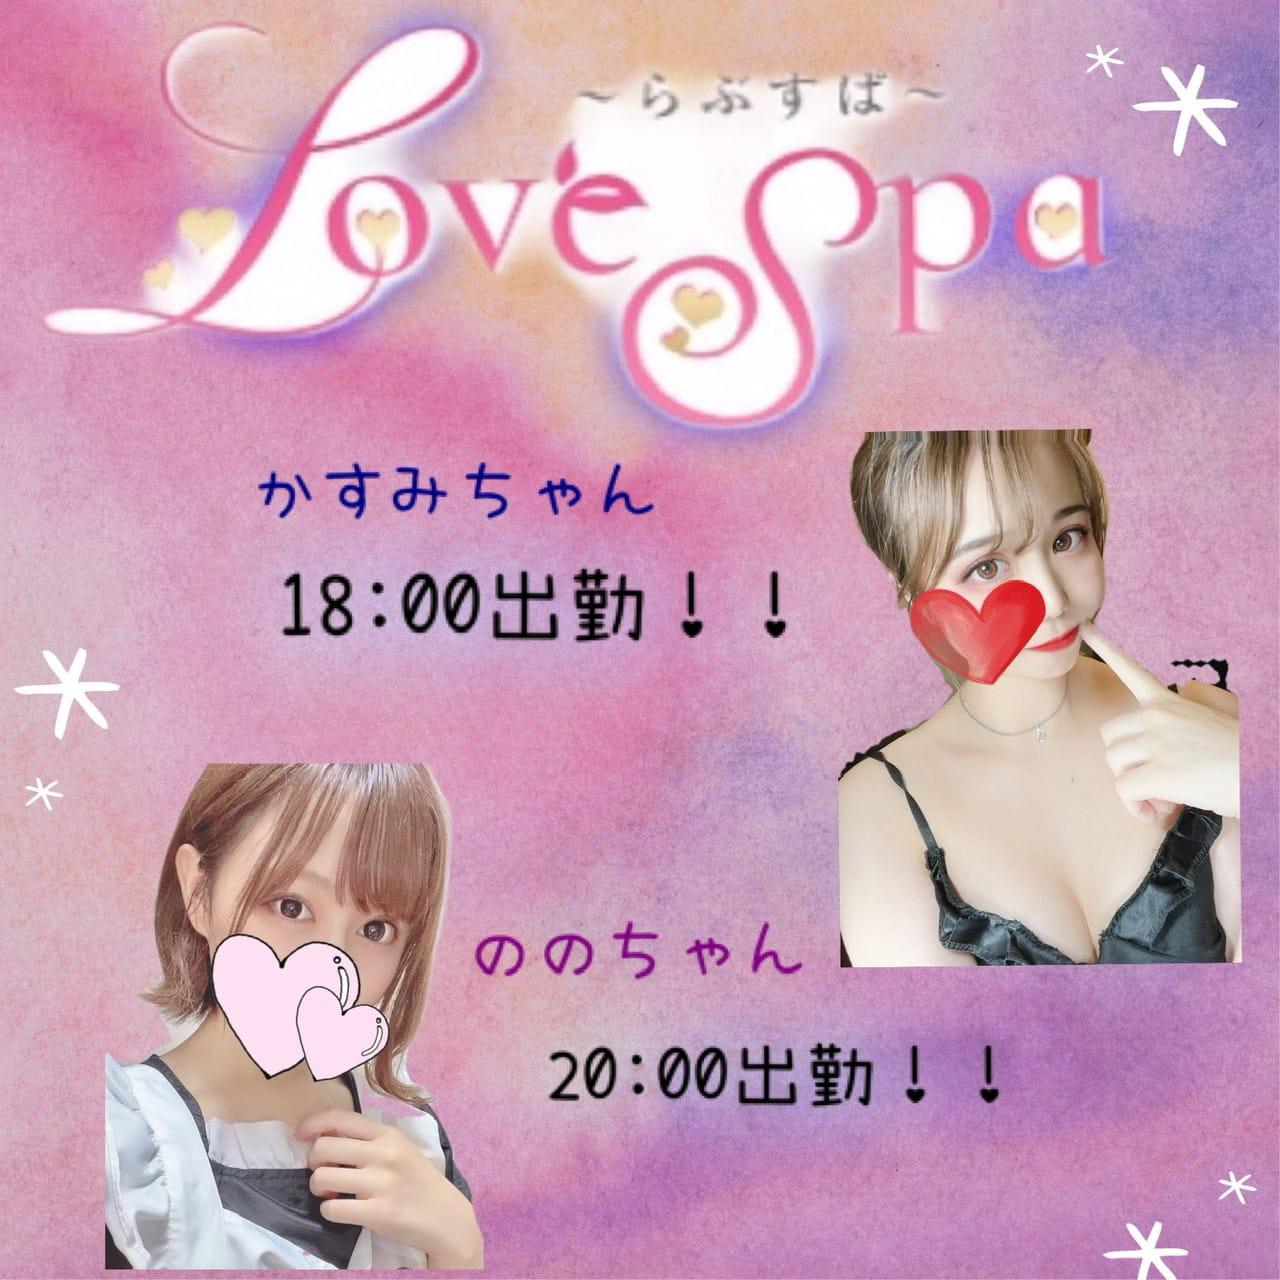 「本日出勤!!」07/21(水) 18:10   LoveSpa ~ラブスパ~の写メ日記